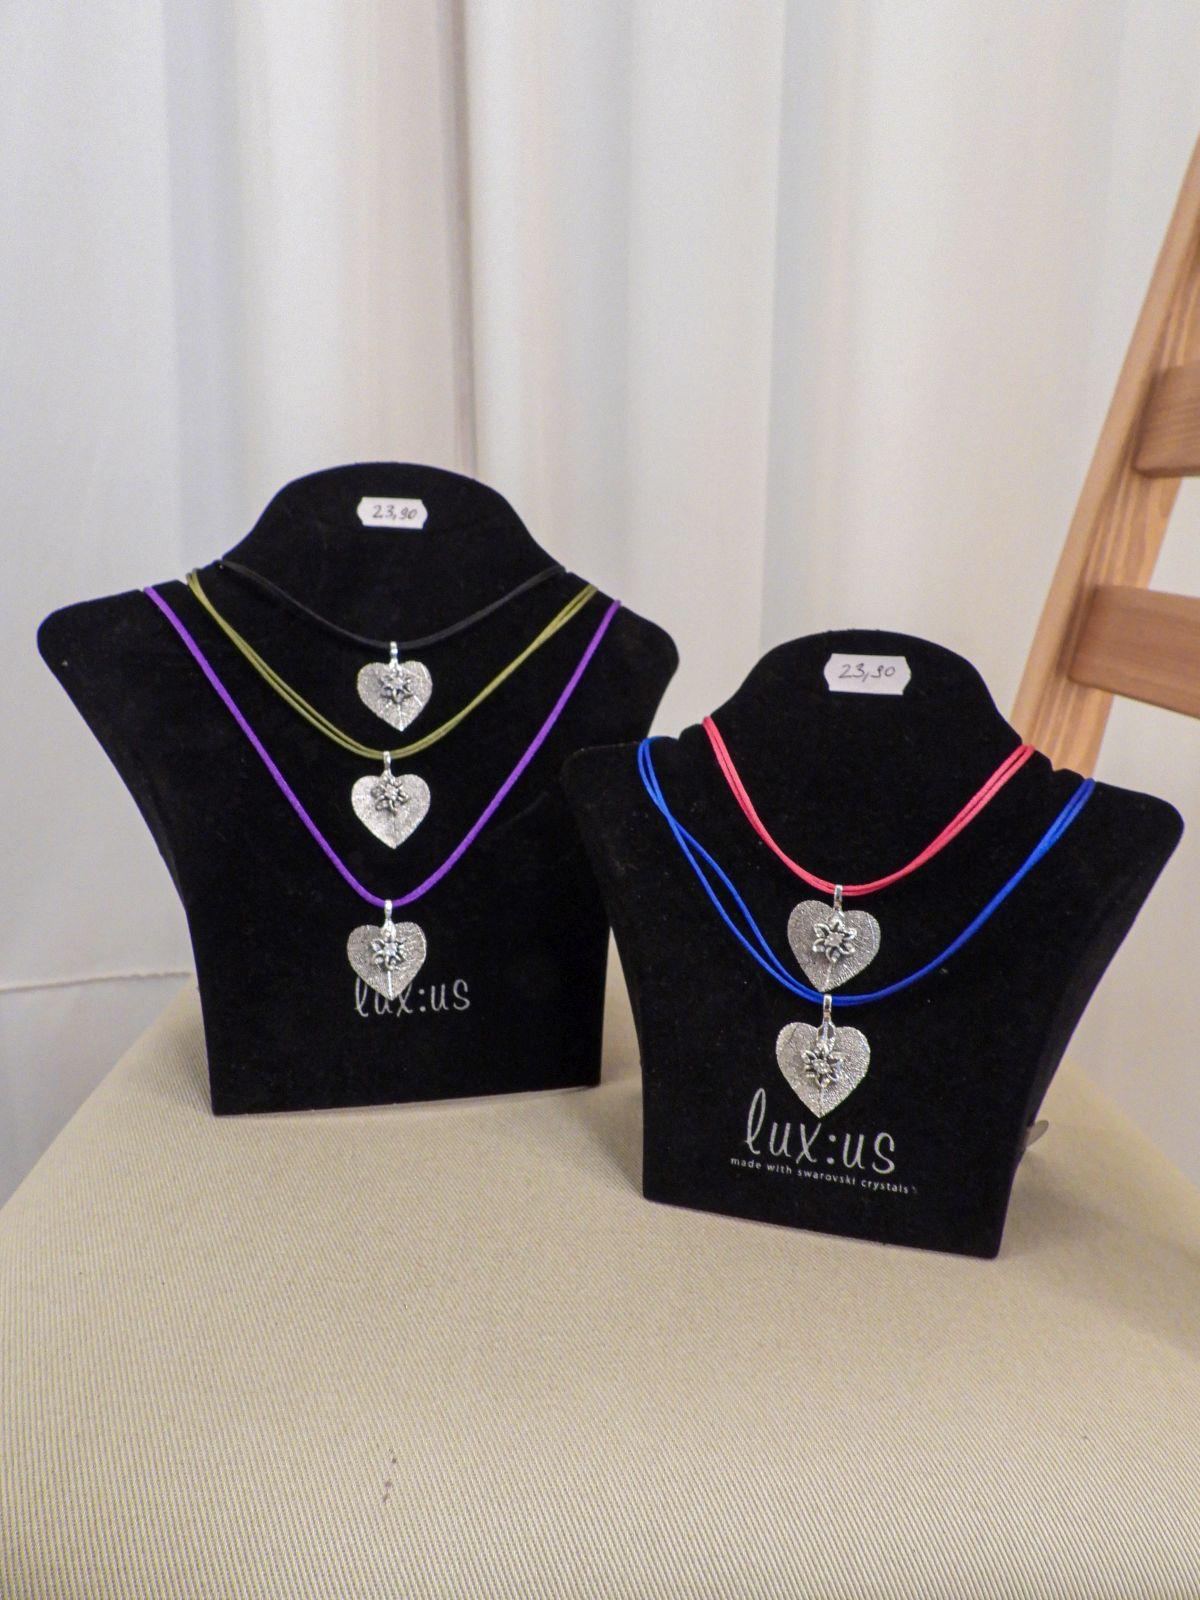 Halskette lux:us